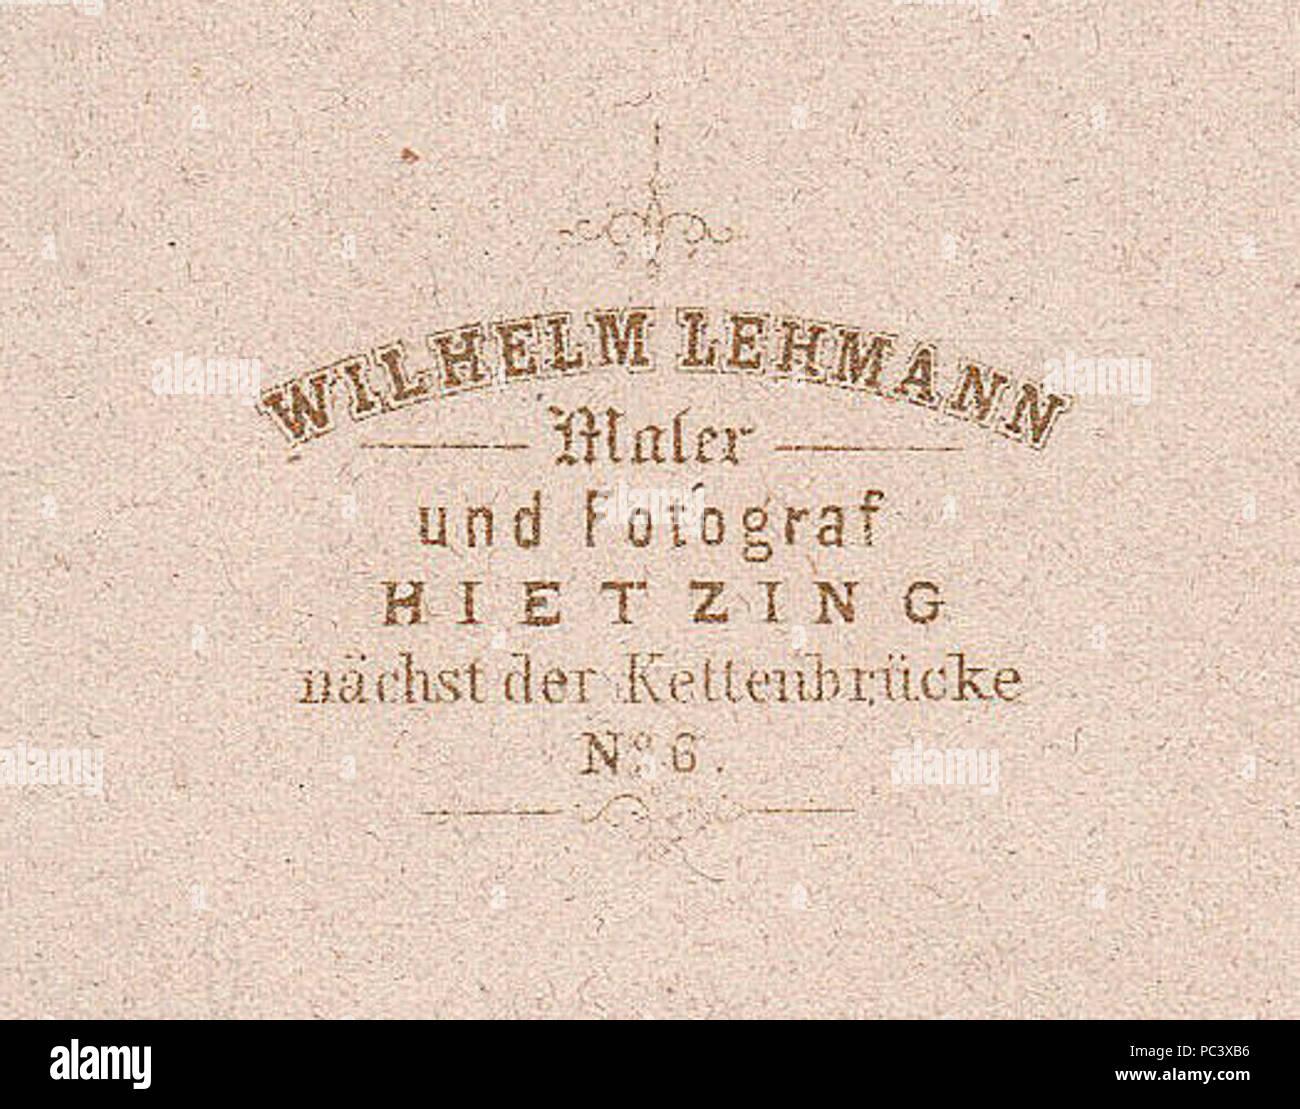 Adresse Wilhelm Lehmann Maler Und Fotograf Hietzing Nachst Der Kettenbrucke No 6 Revers Einer Carte De Visite